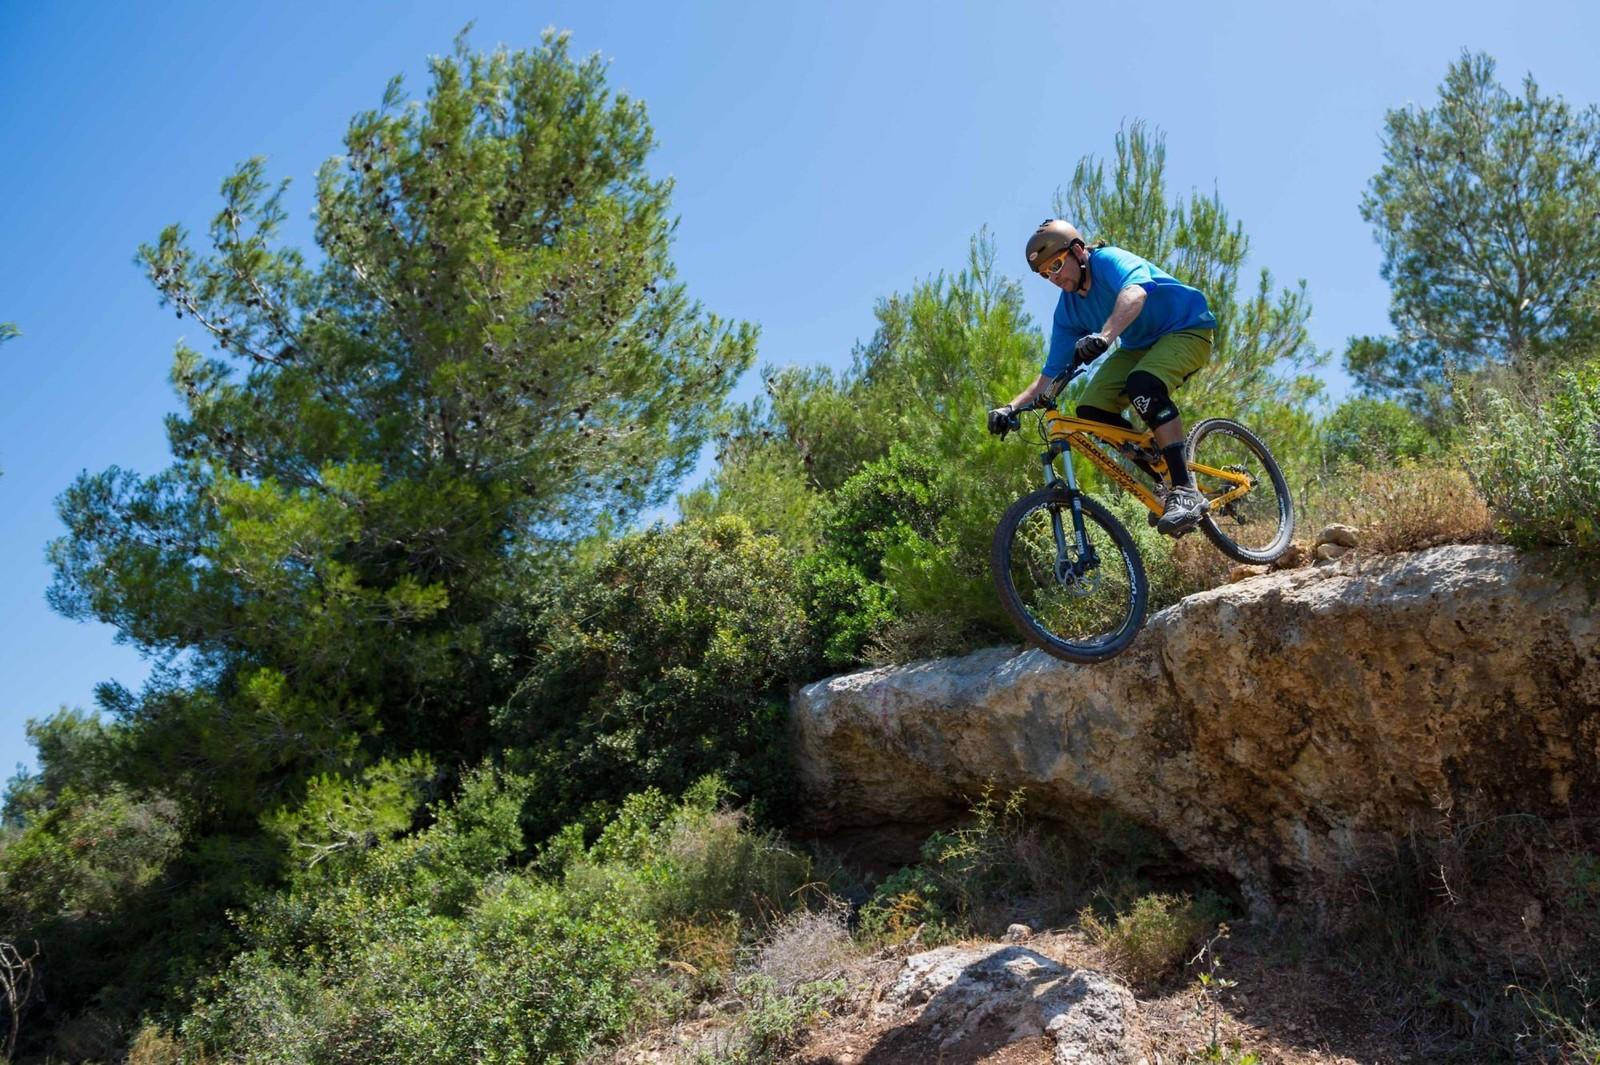 2013 Nukeproof Mega TR Bonus Gallery - iceman2058 - Mountain Biking Pictures - Vital MTB